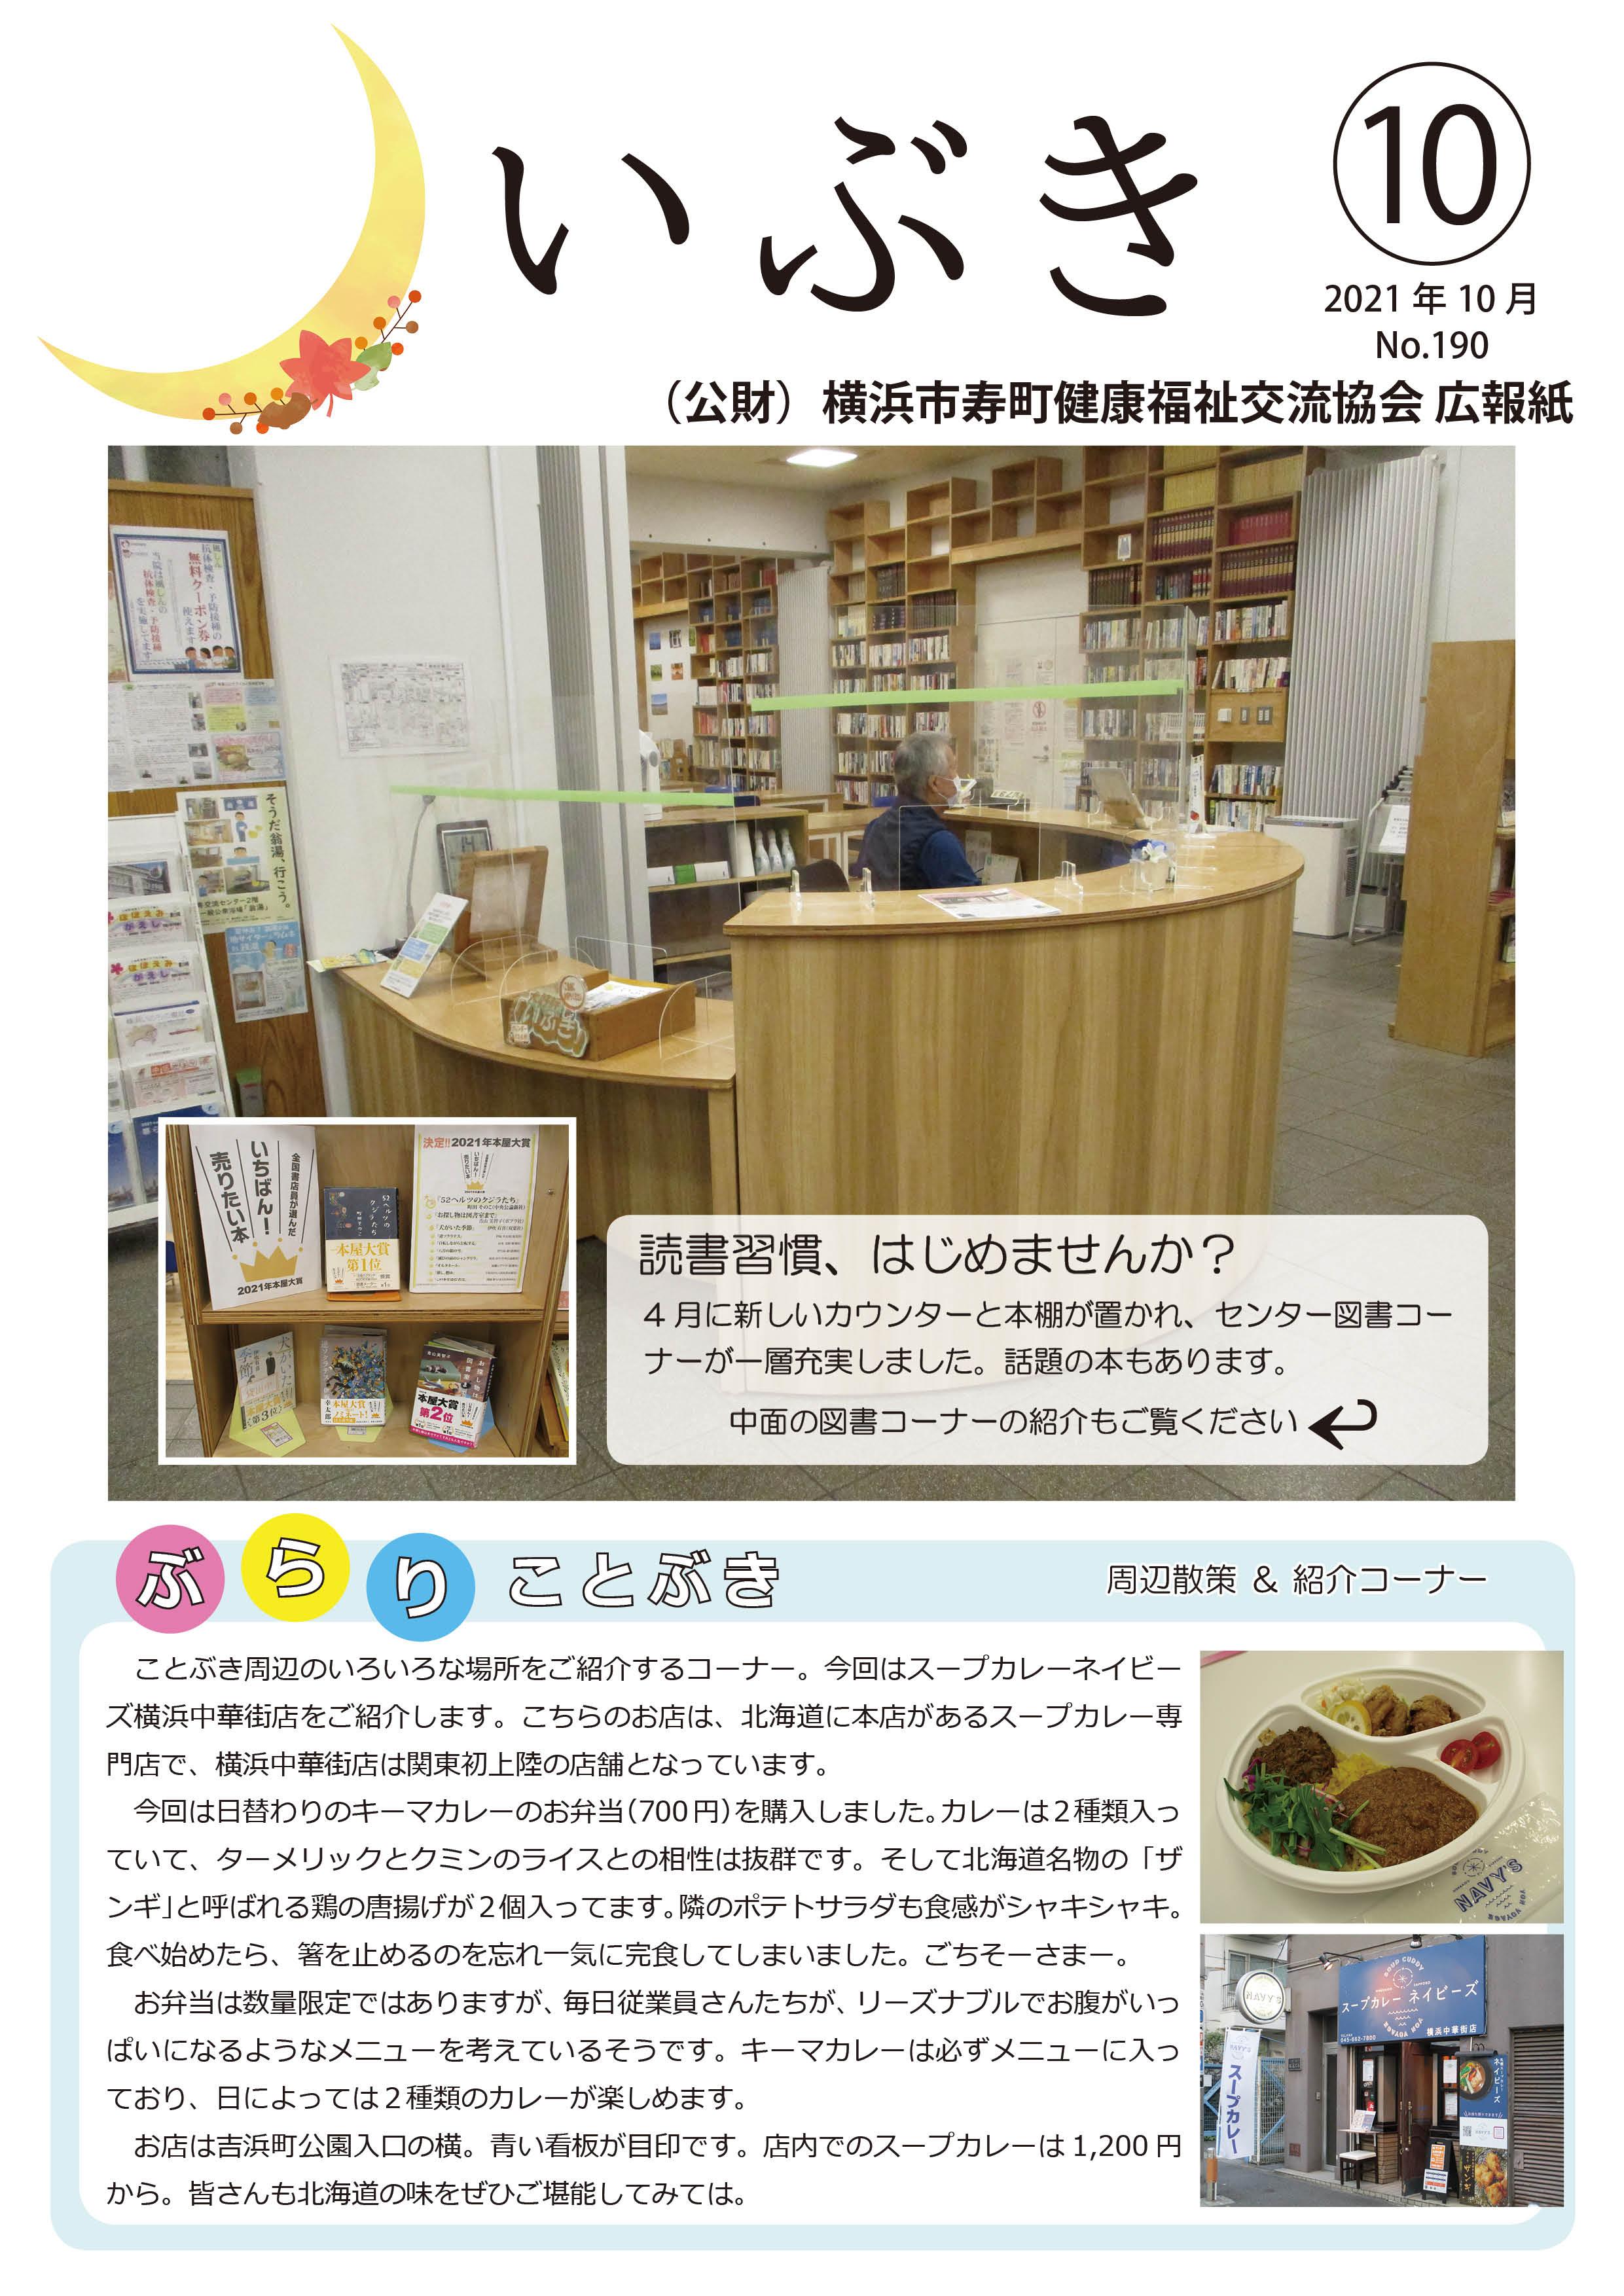 広報紙いぶき2021年10月号(No.190)